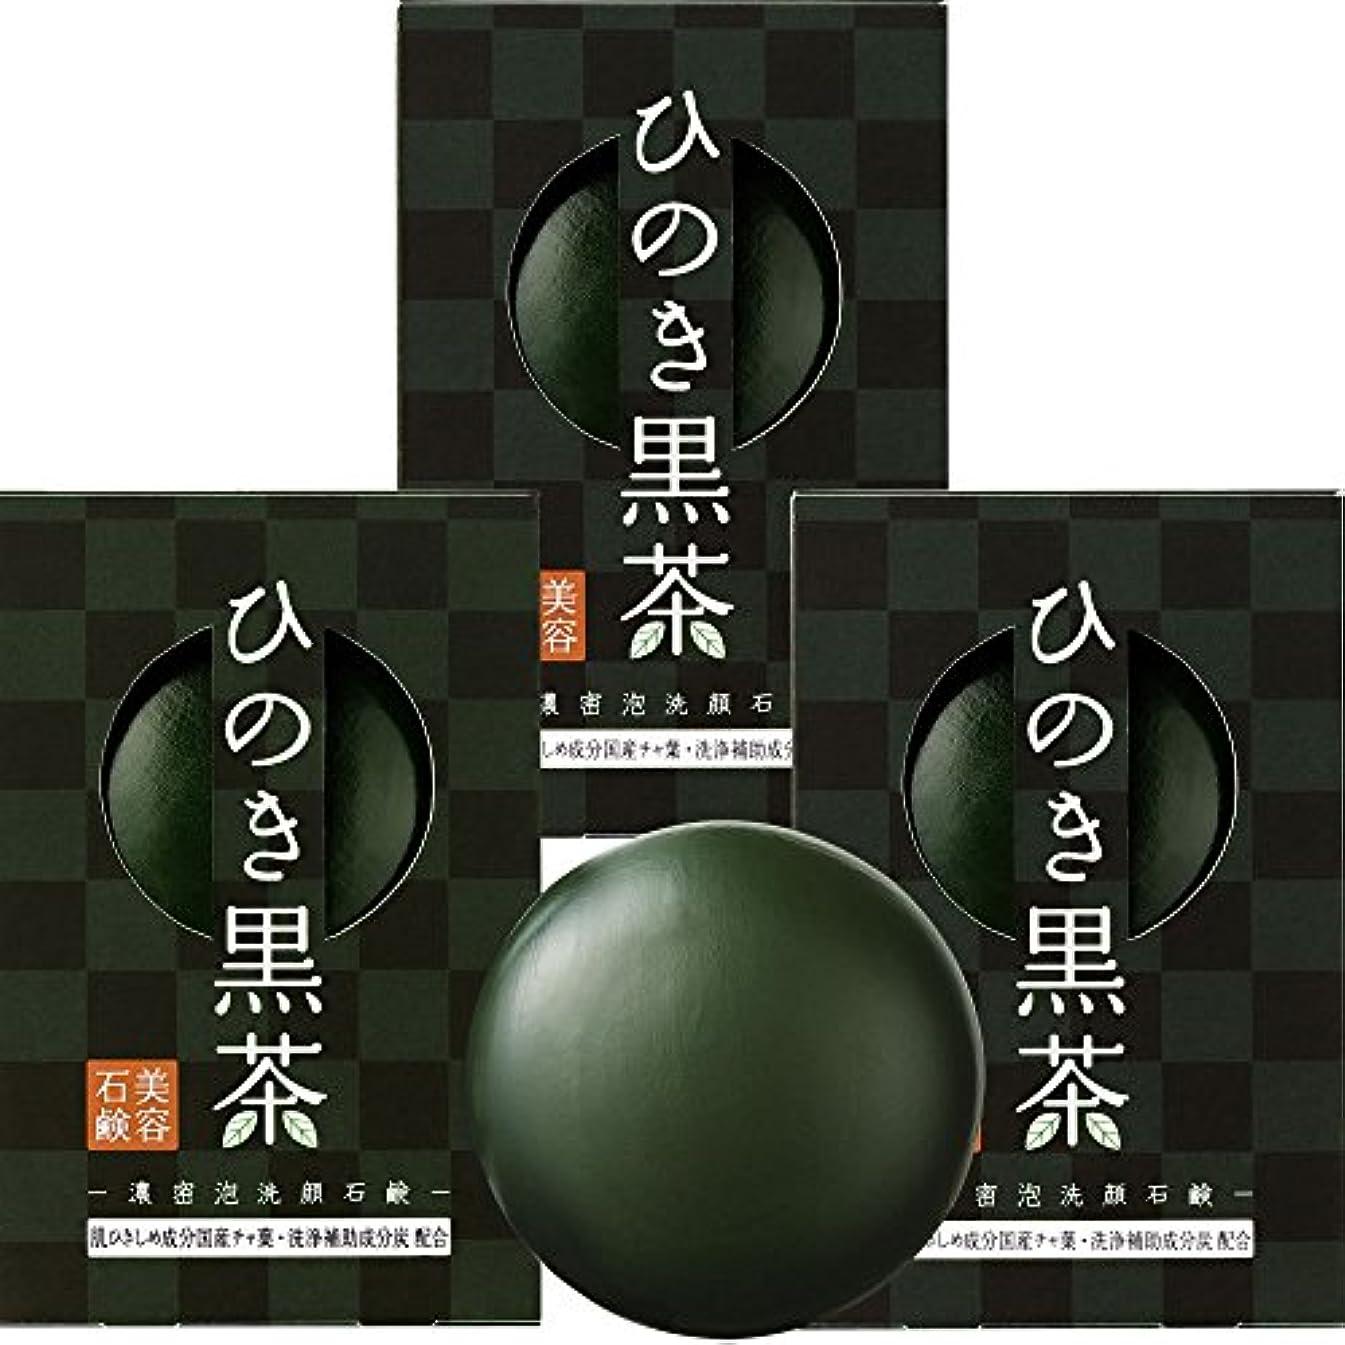 に応じて破壊路面電車ひのき黒茶石鹸 (80g×3個) [保湿成分配合] ヒアルロン酸 コラーゲン